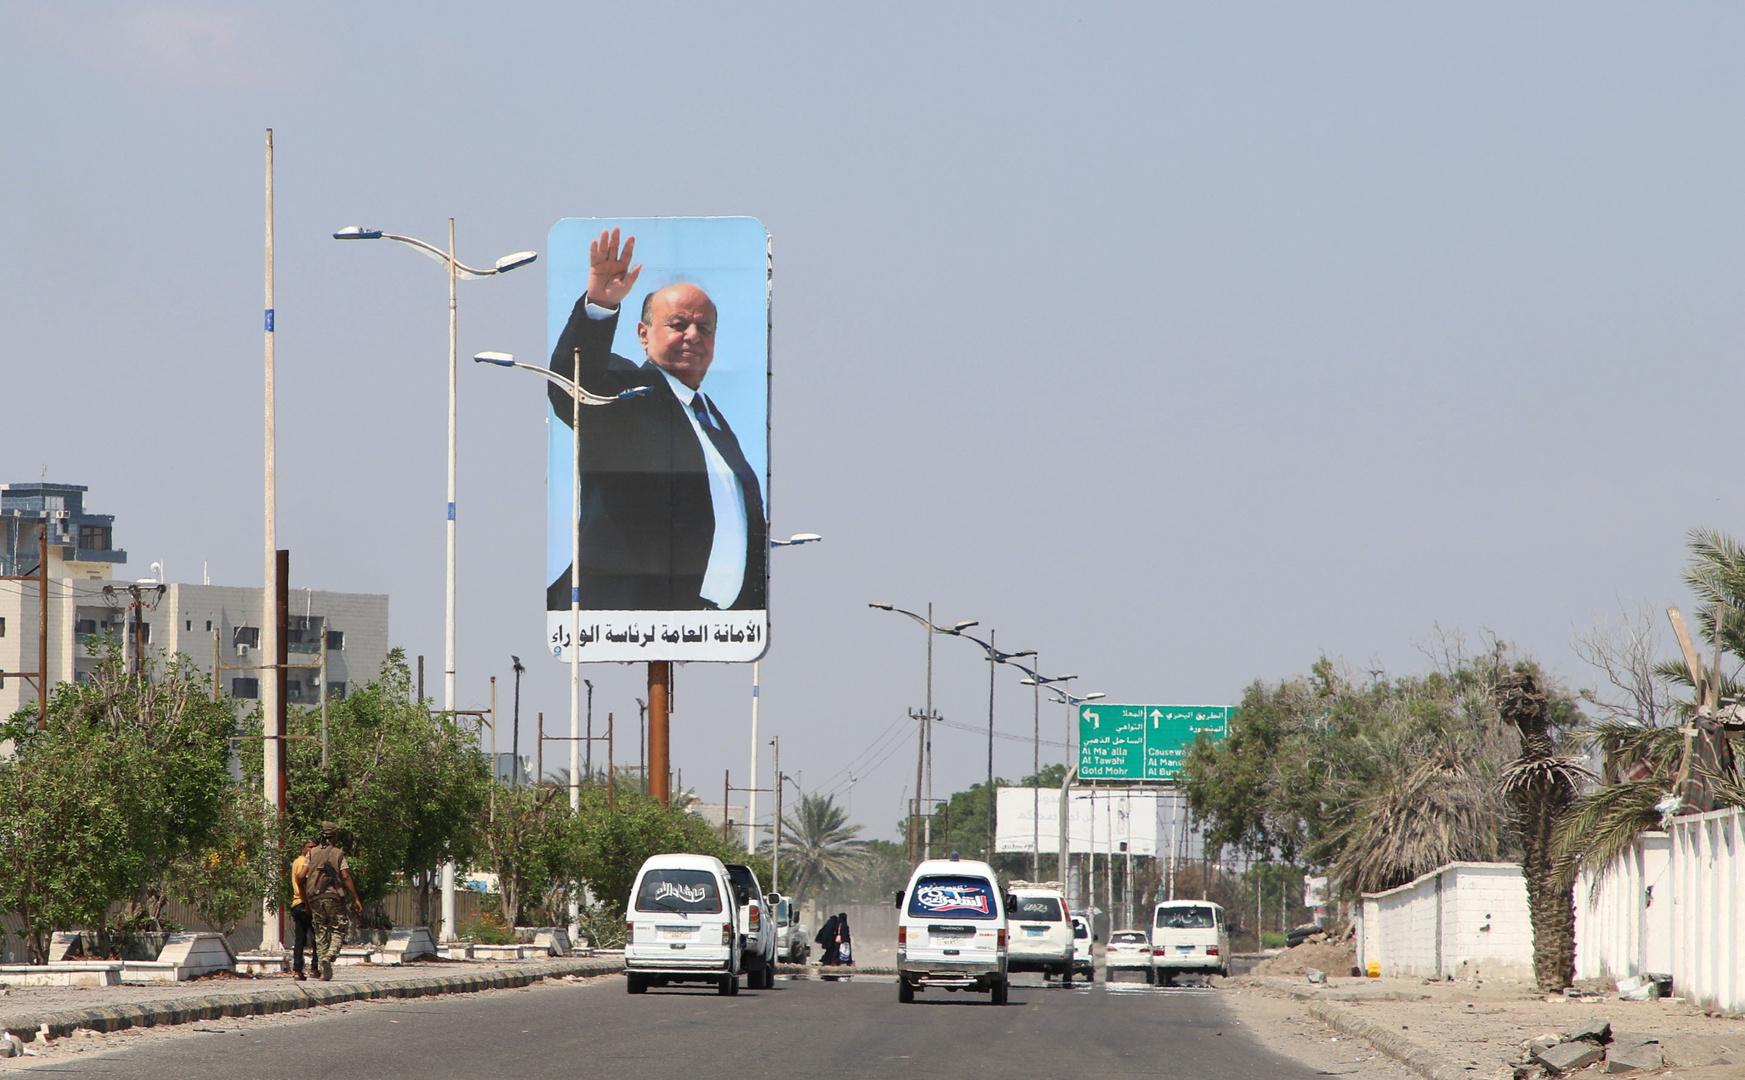 صورة للرئيس اليمني عبد ربه منصور هادي في شارع بمدينة عدن